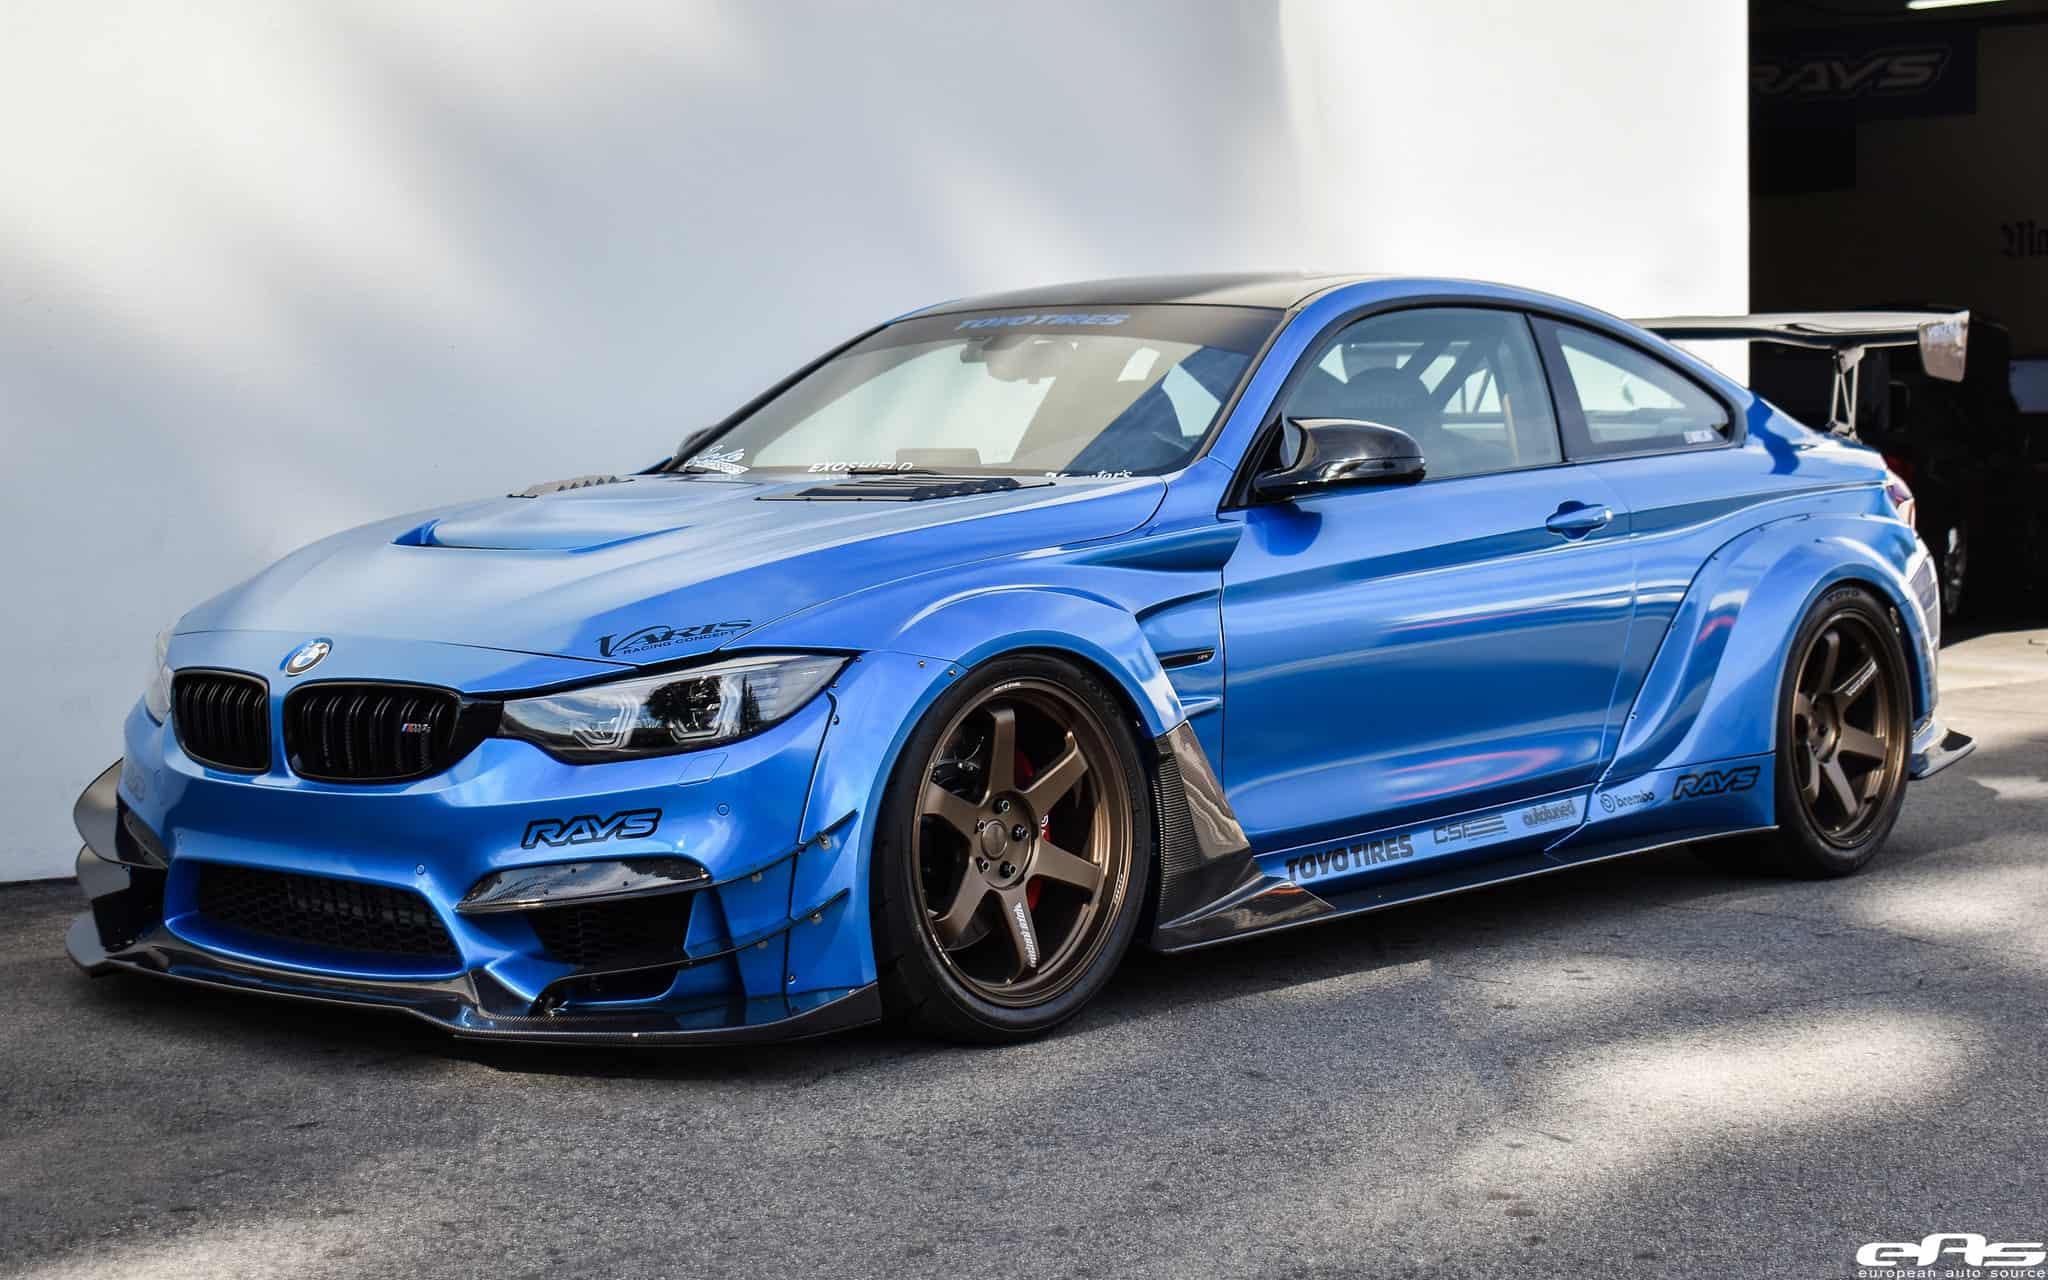 BMW M4 - Varis Body Kit & RAYS Wheels